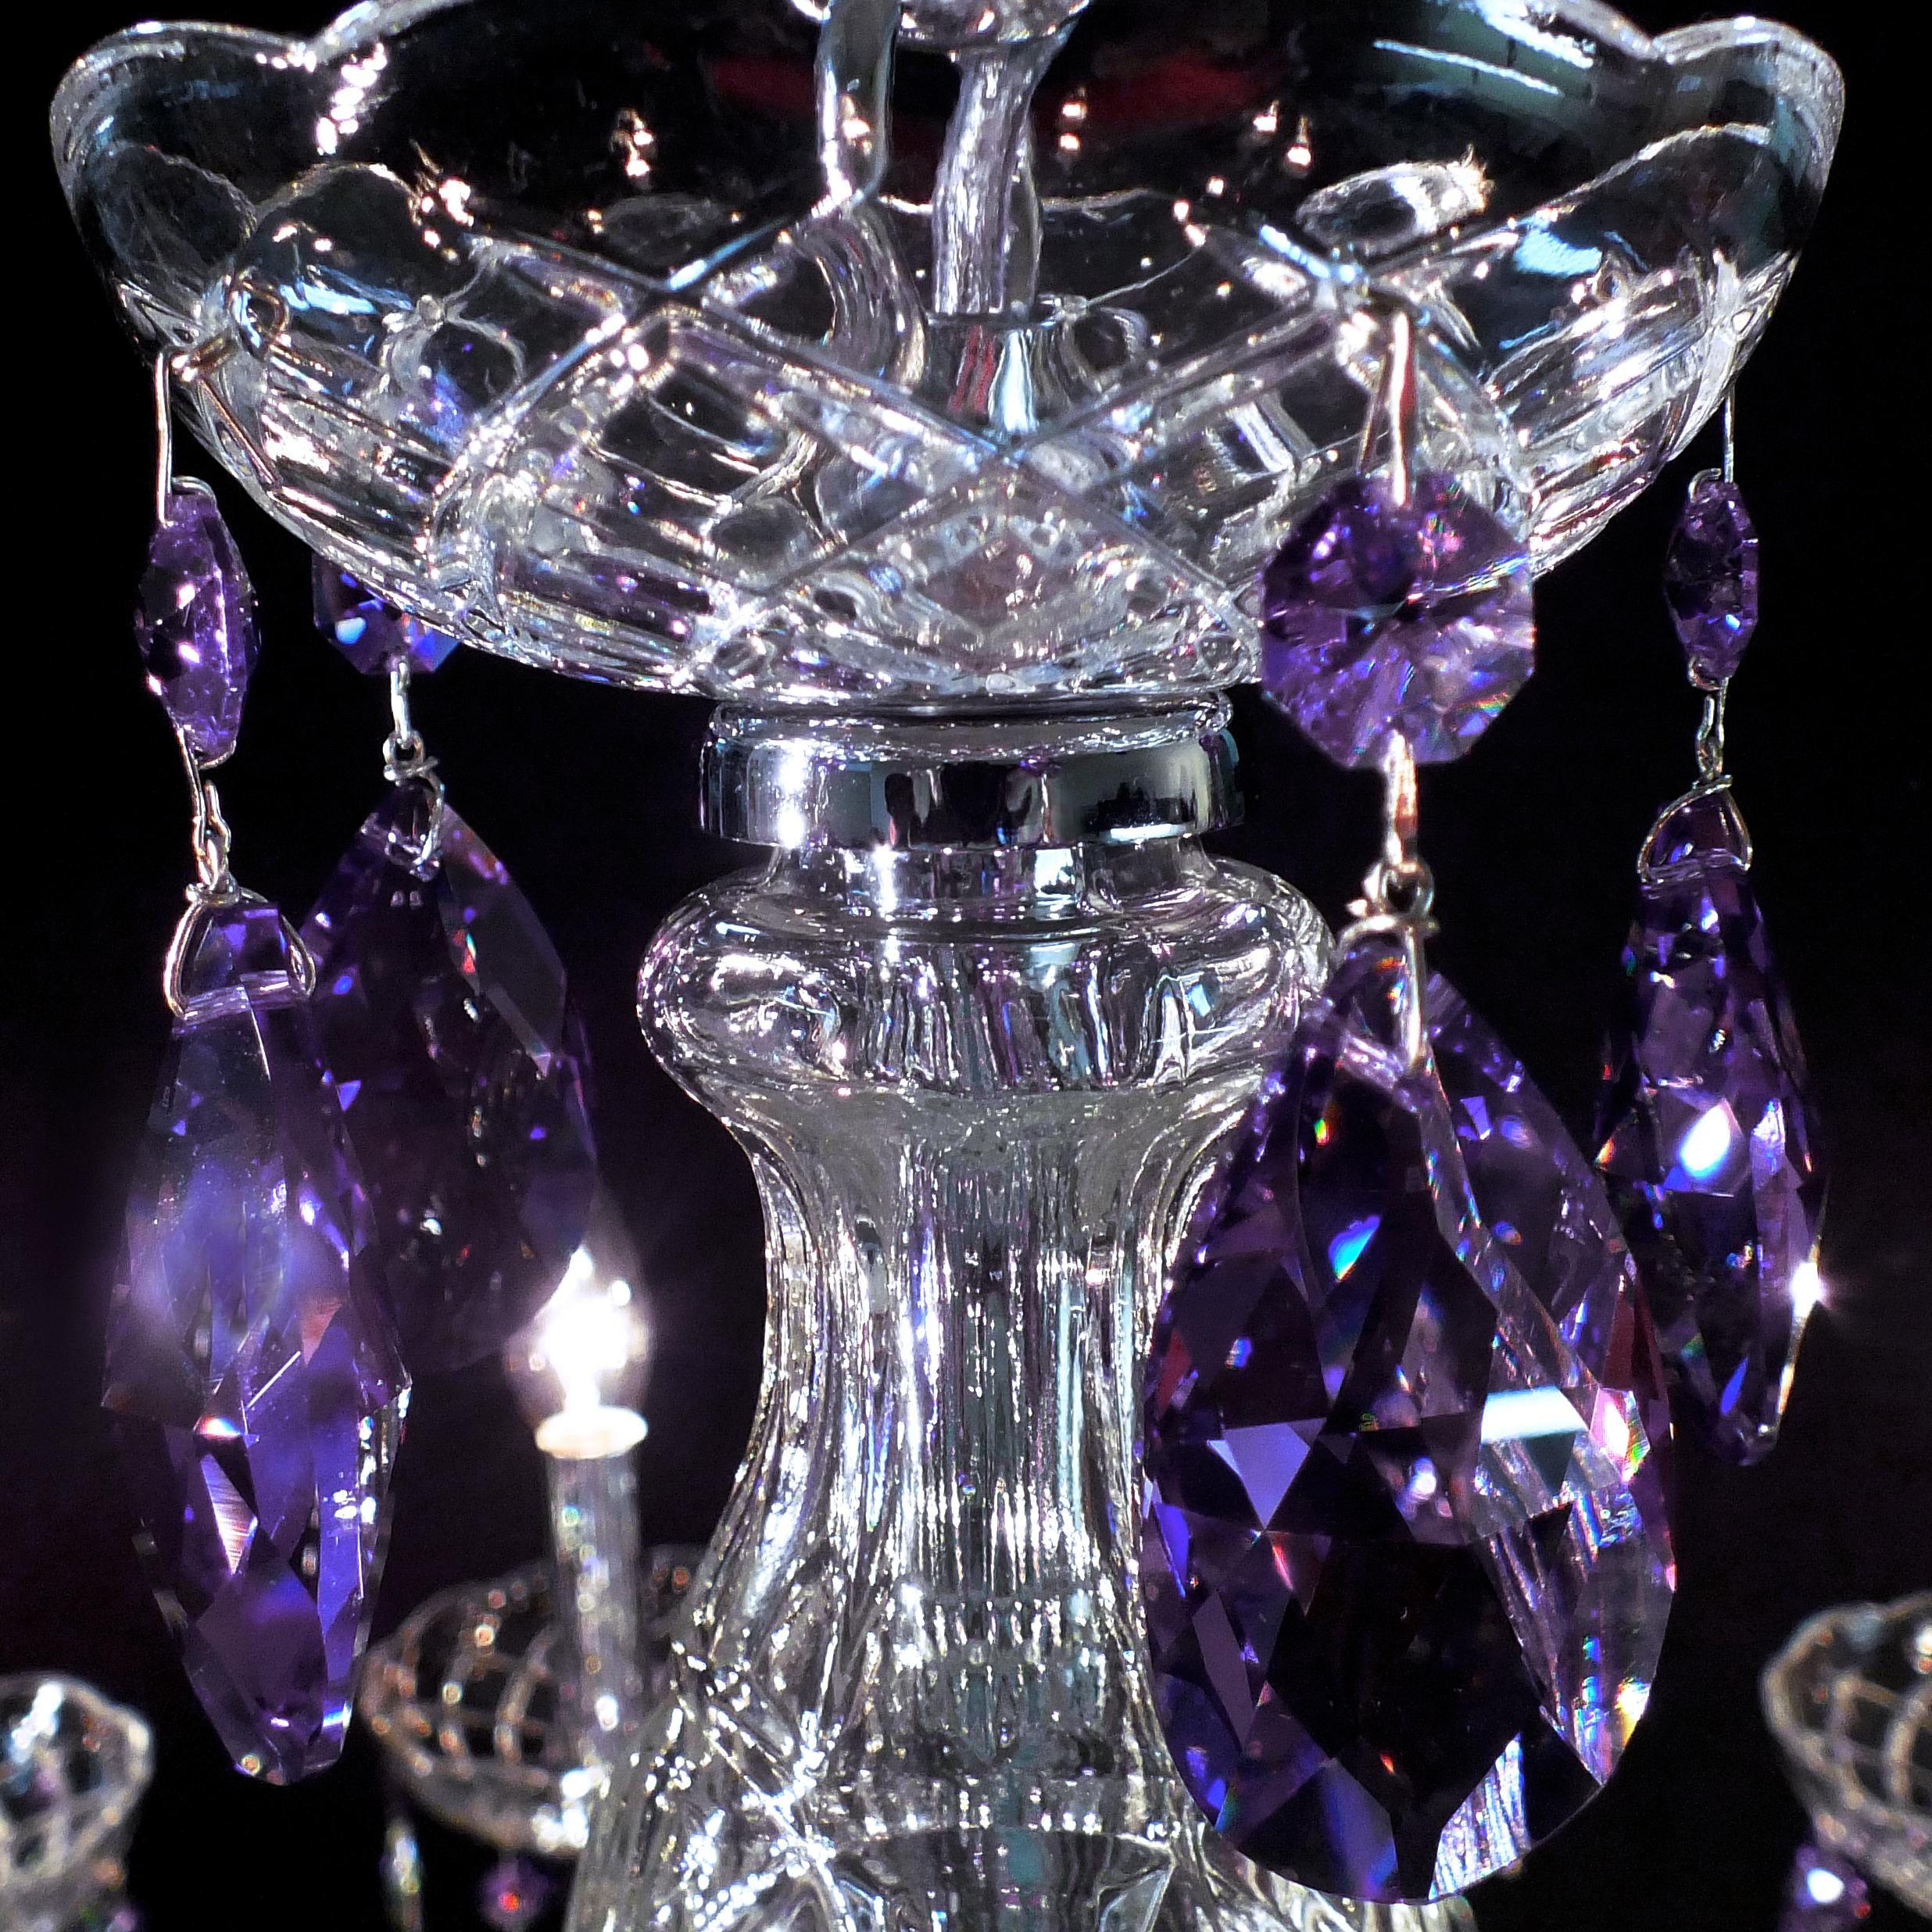 Cristal na cor Blue Violet SWAROVSKI (Áustria).